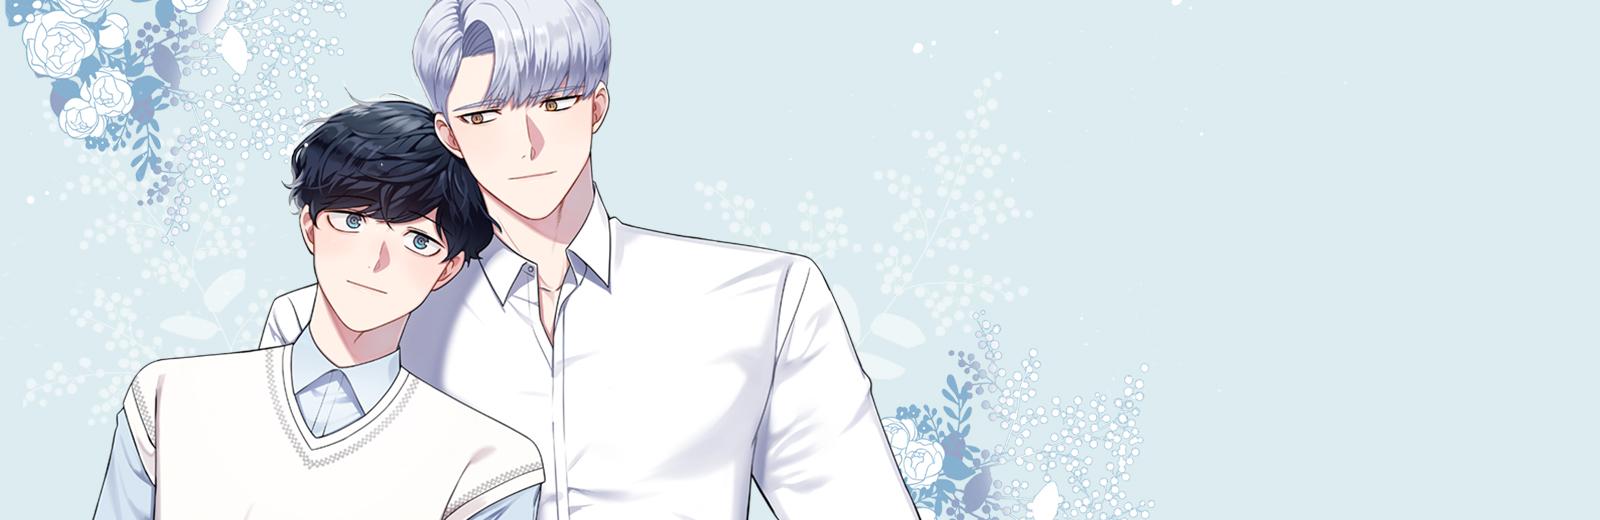 겨울 지나 벚꽃